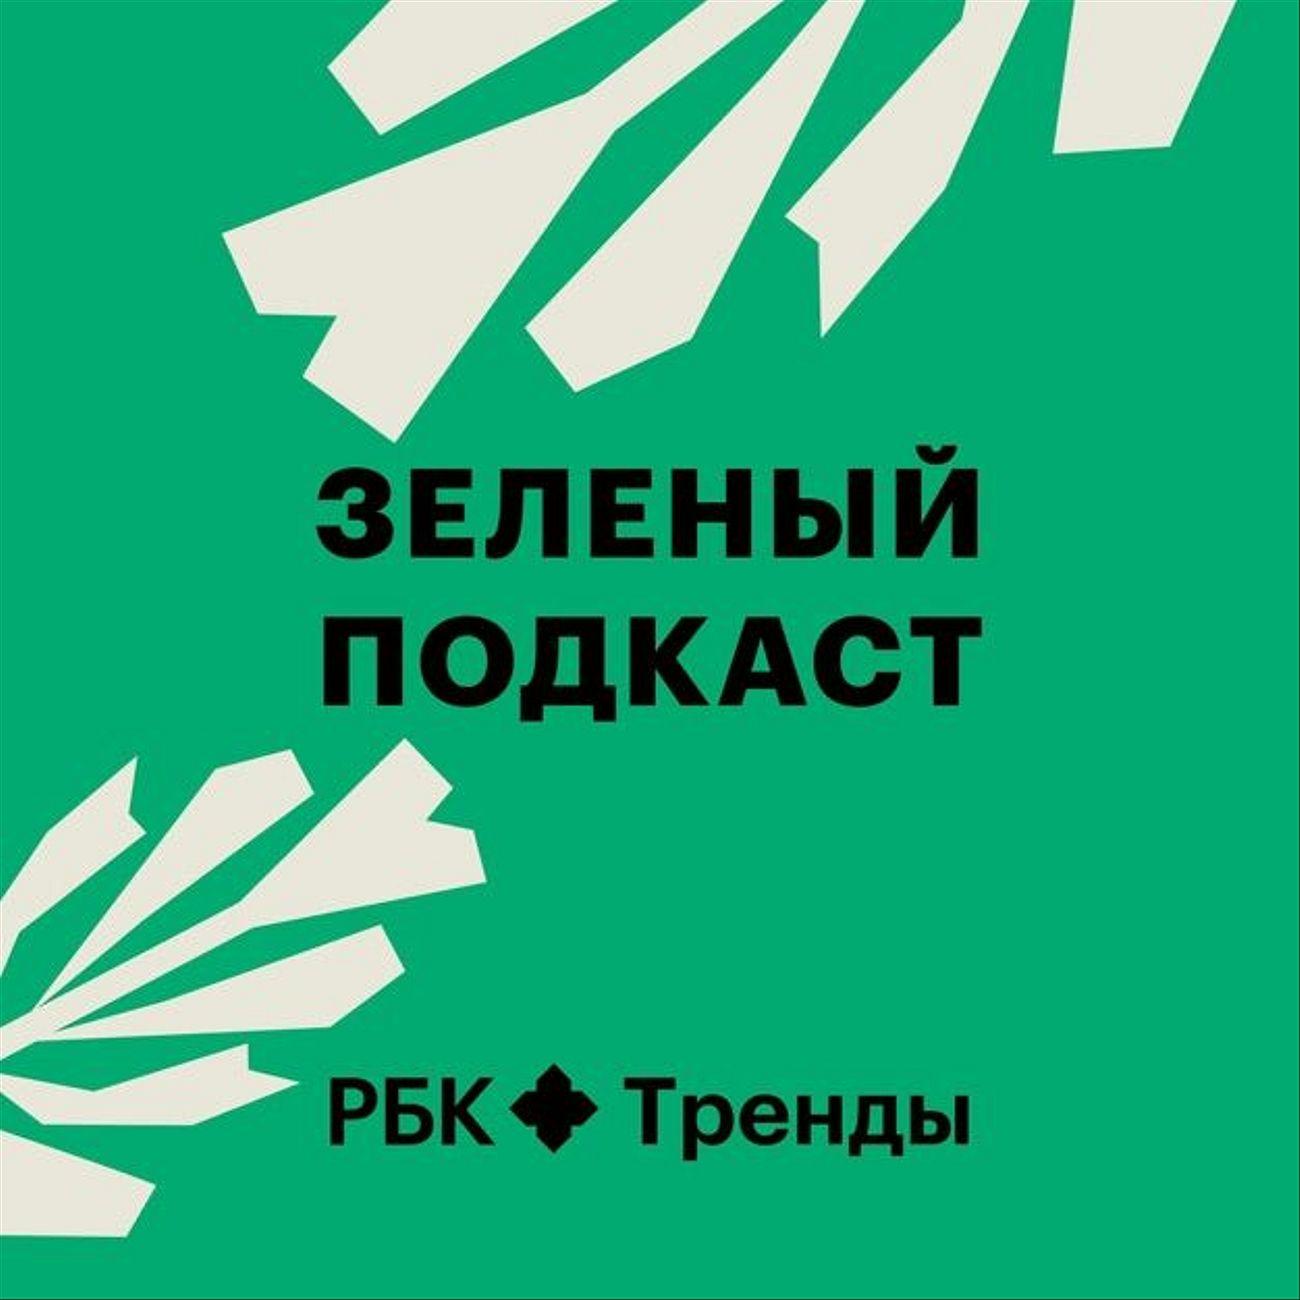 Зеленый подкаст